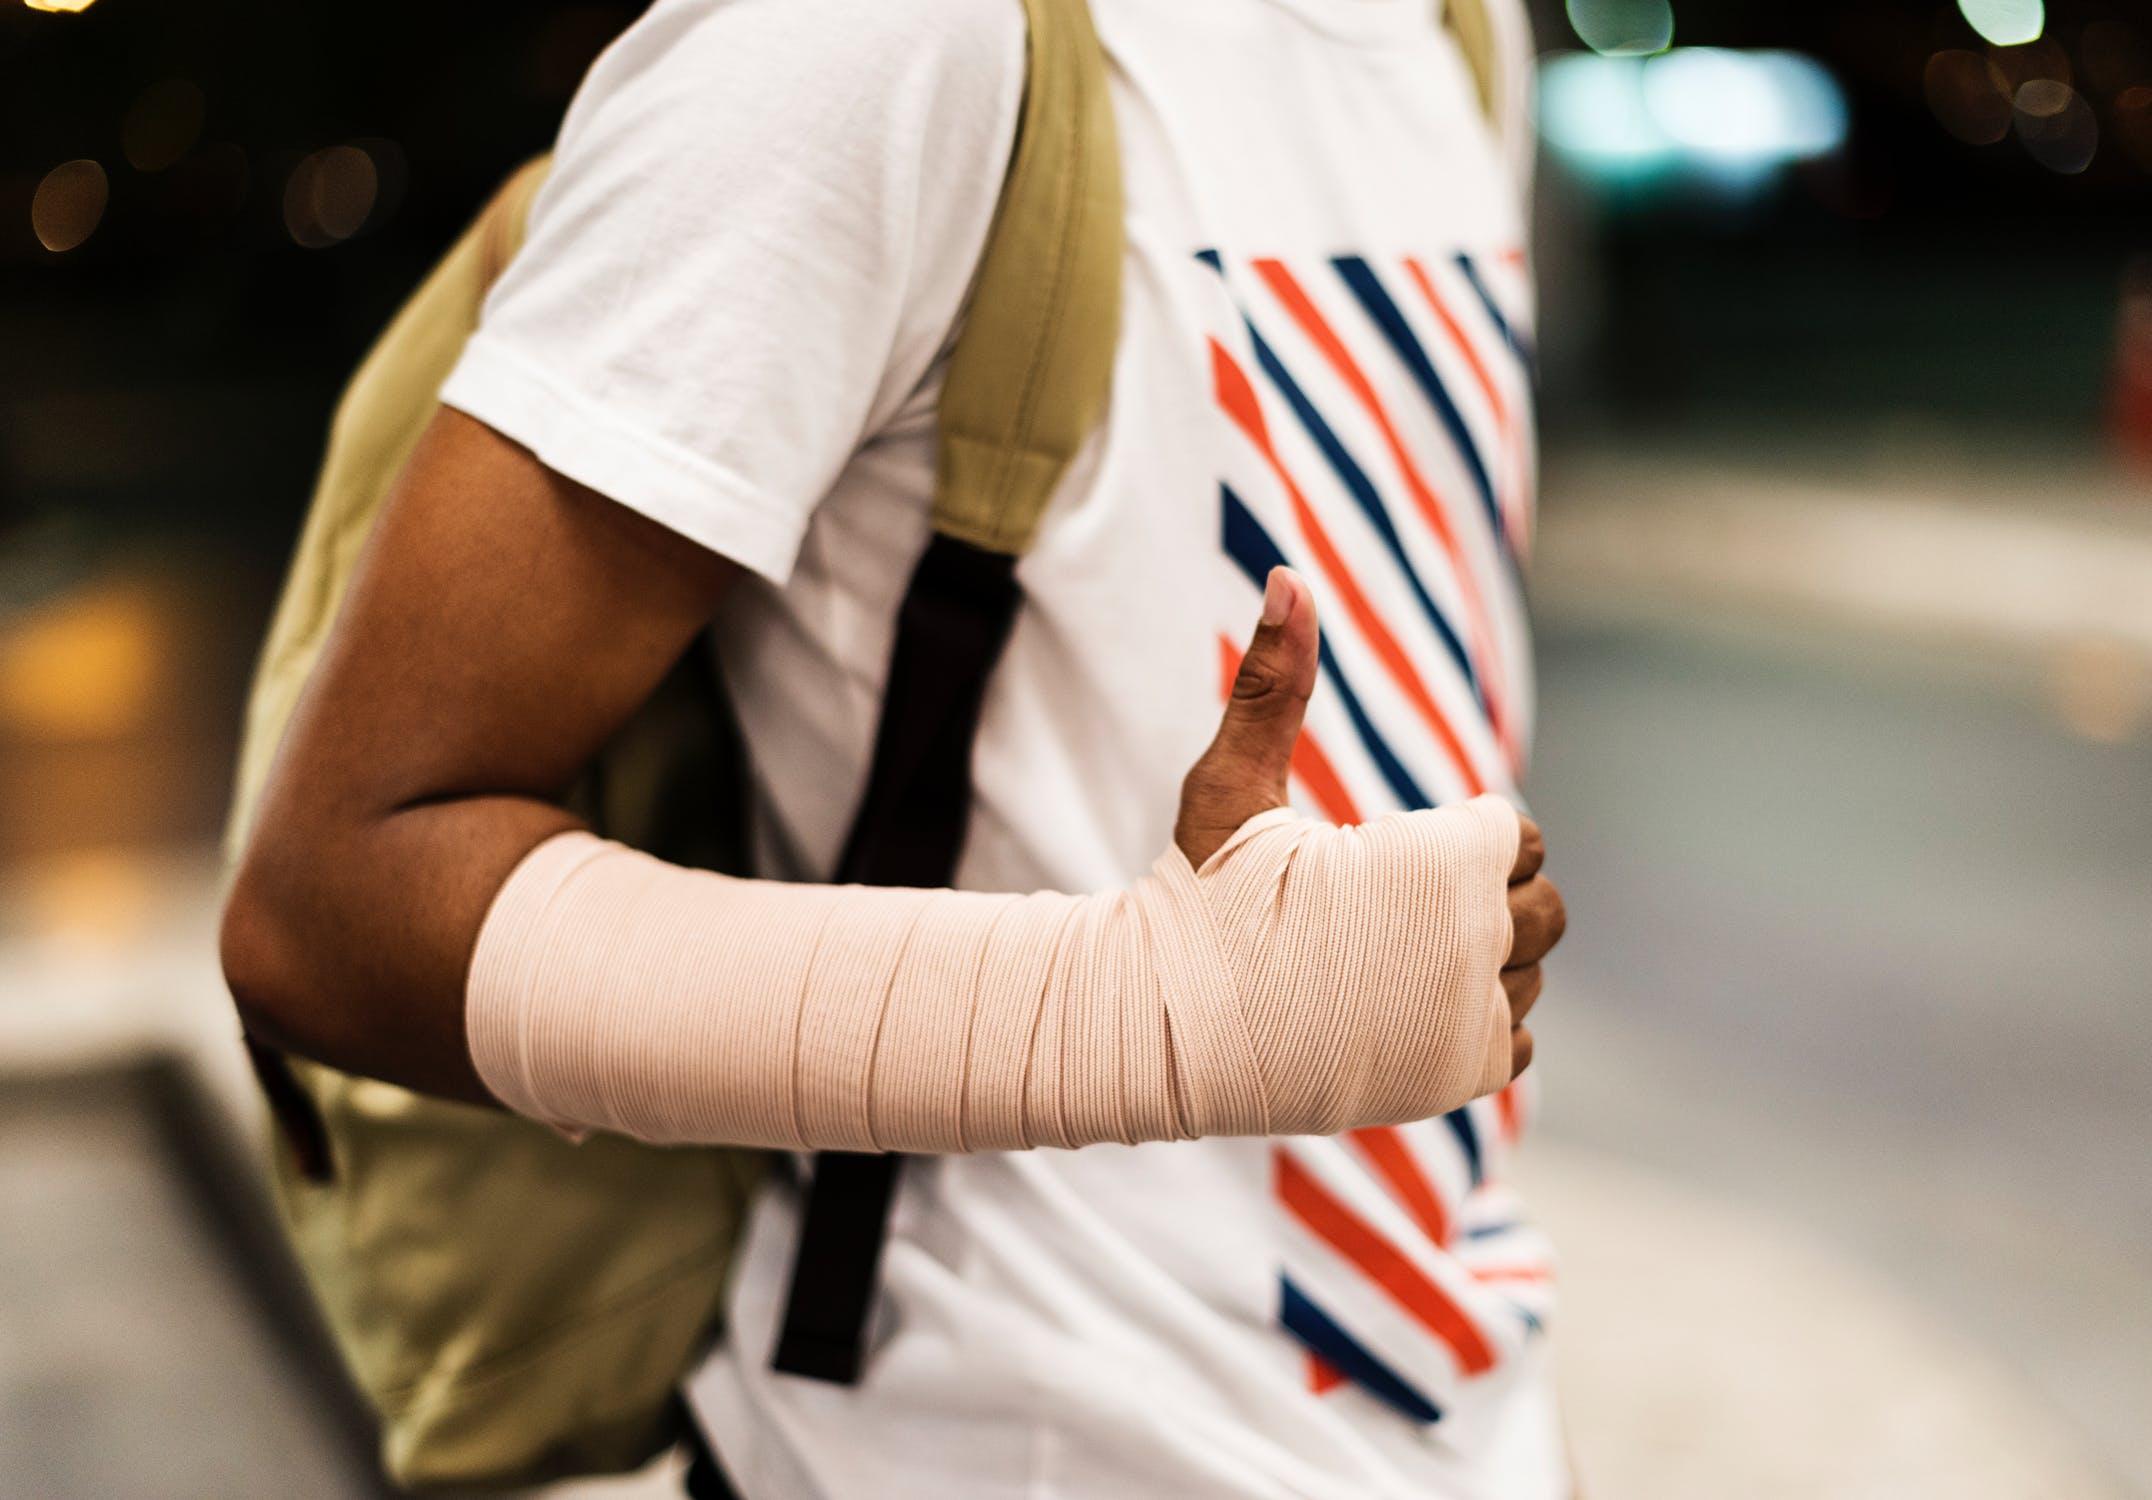 Bied jij jouw personeel een collectieve zorgverzekering aan?